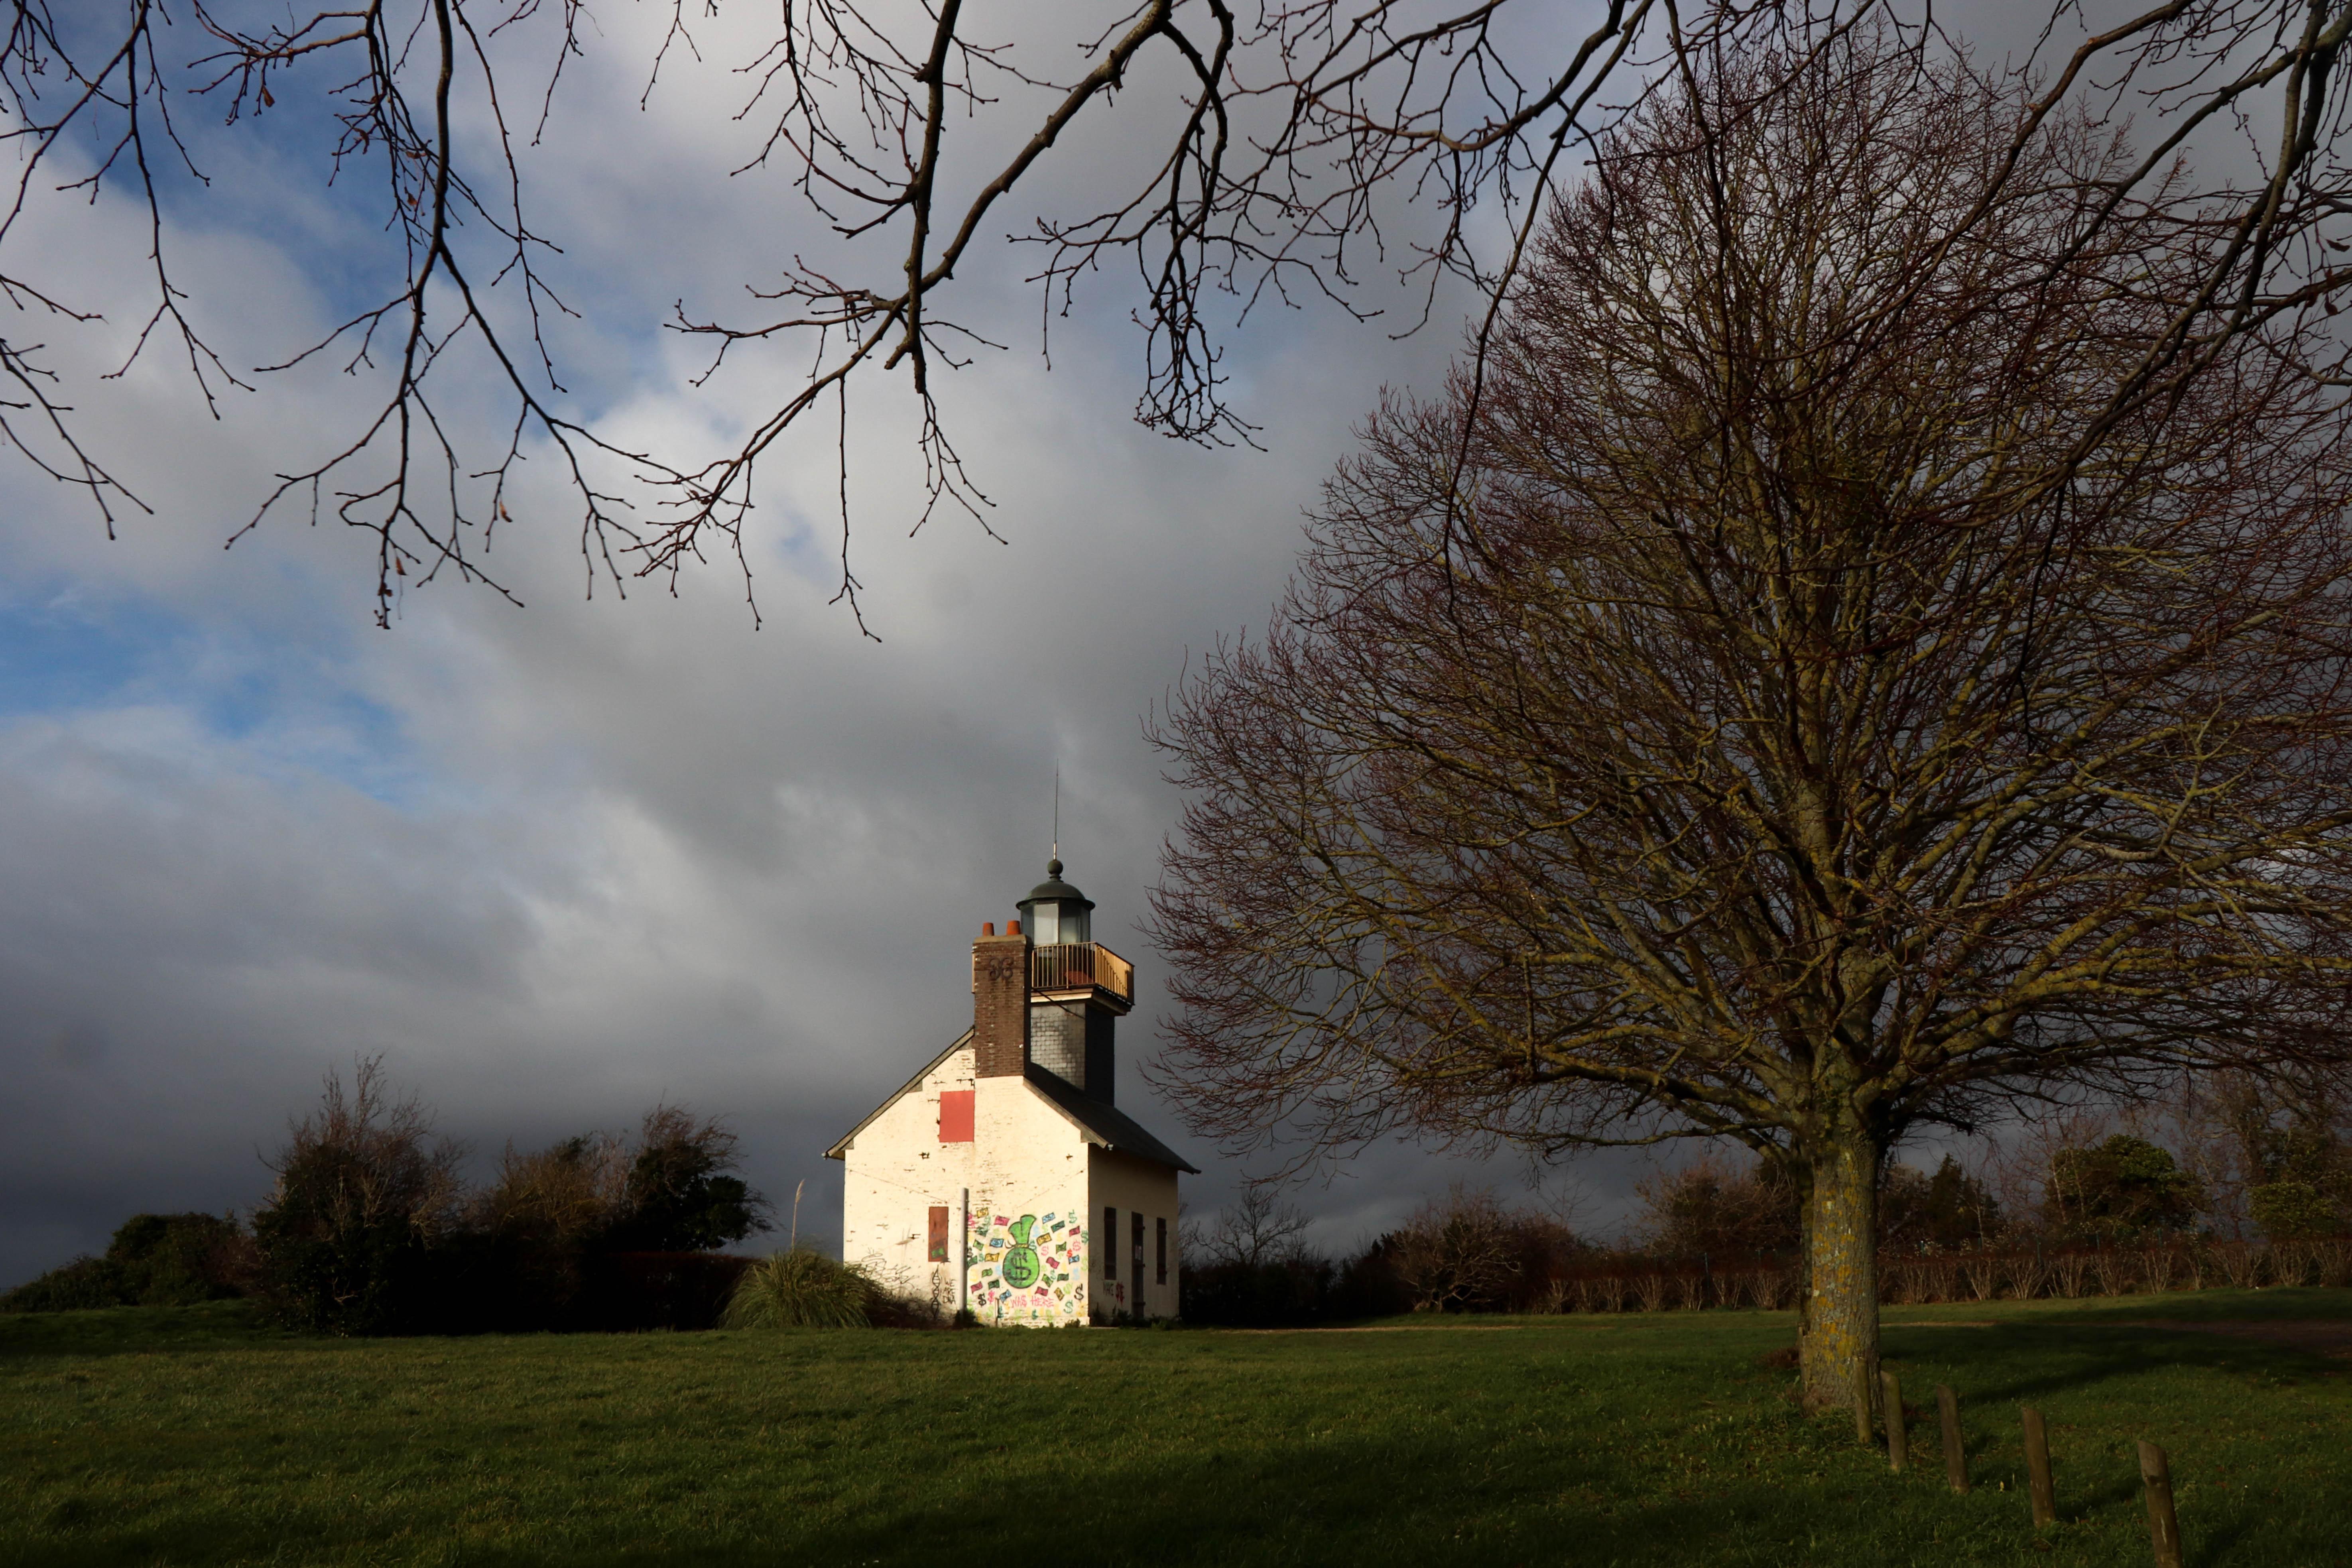 phare de la Roque, 22 déc 19, 15h10.jpg